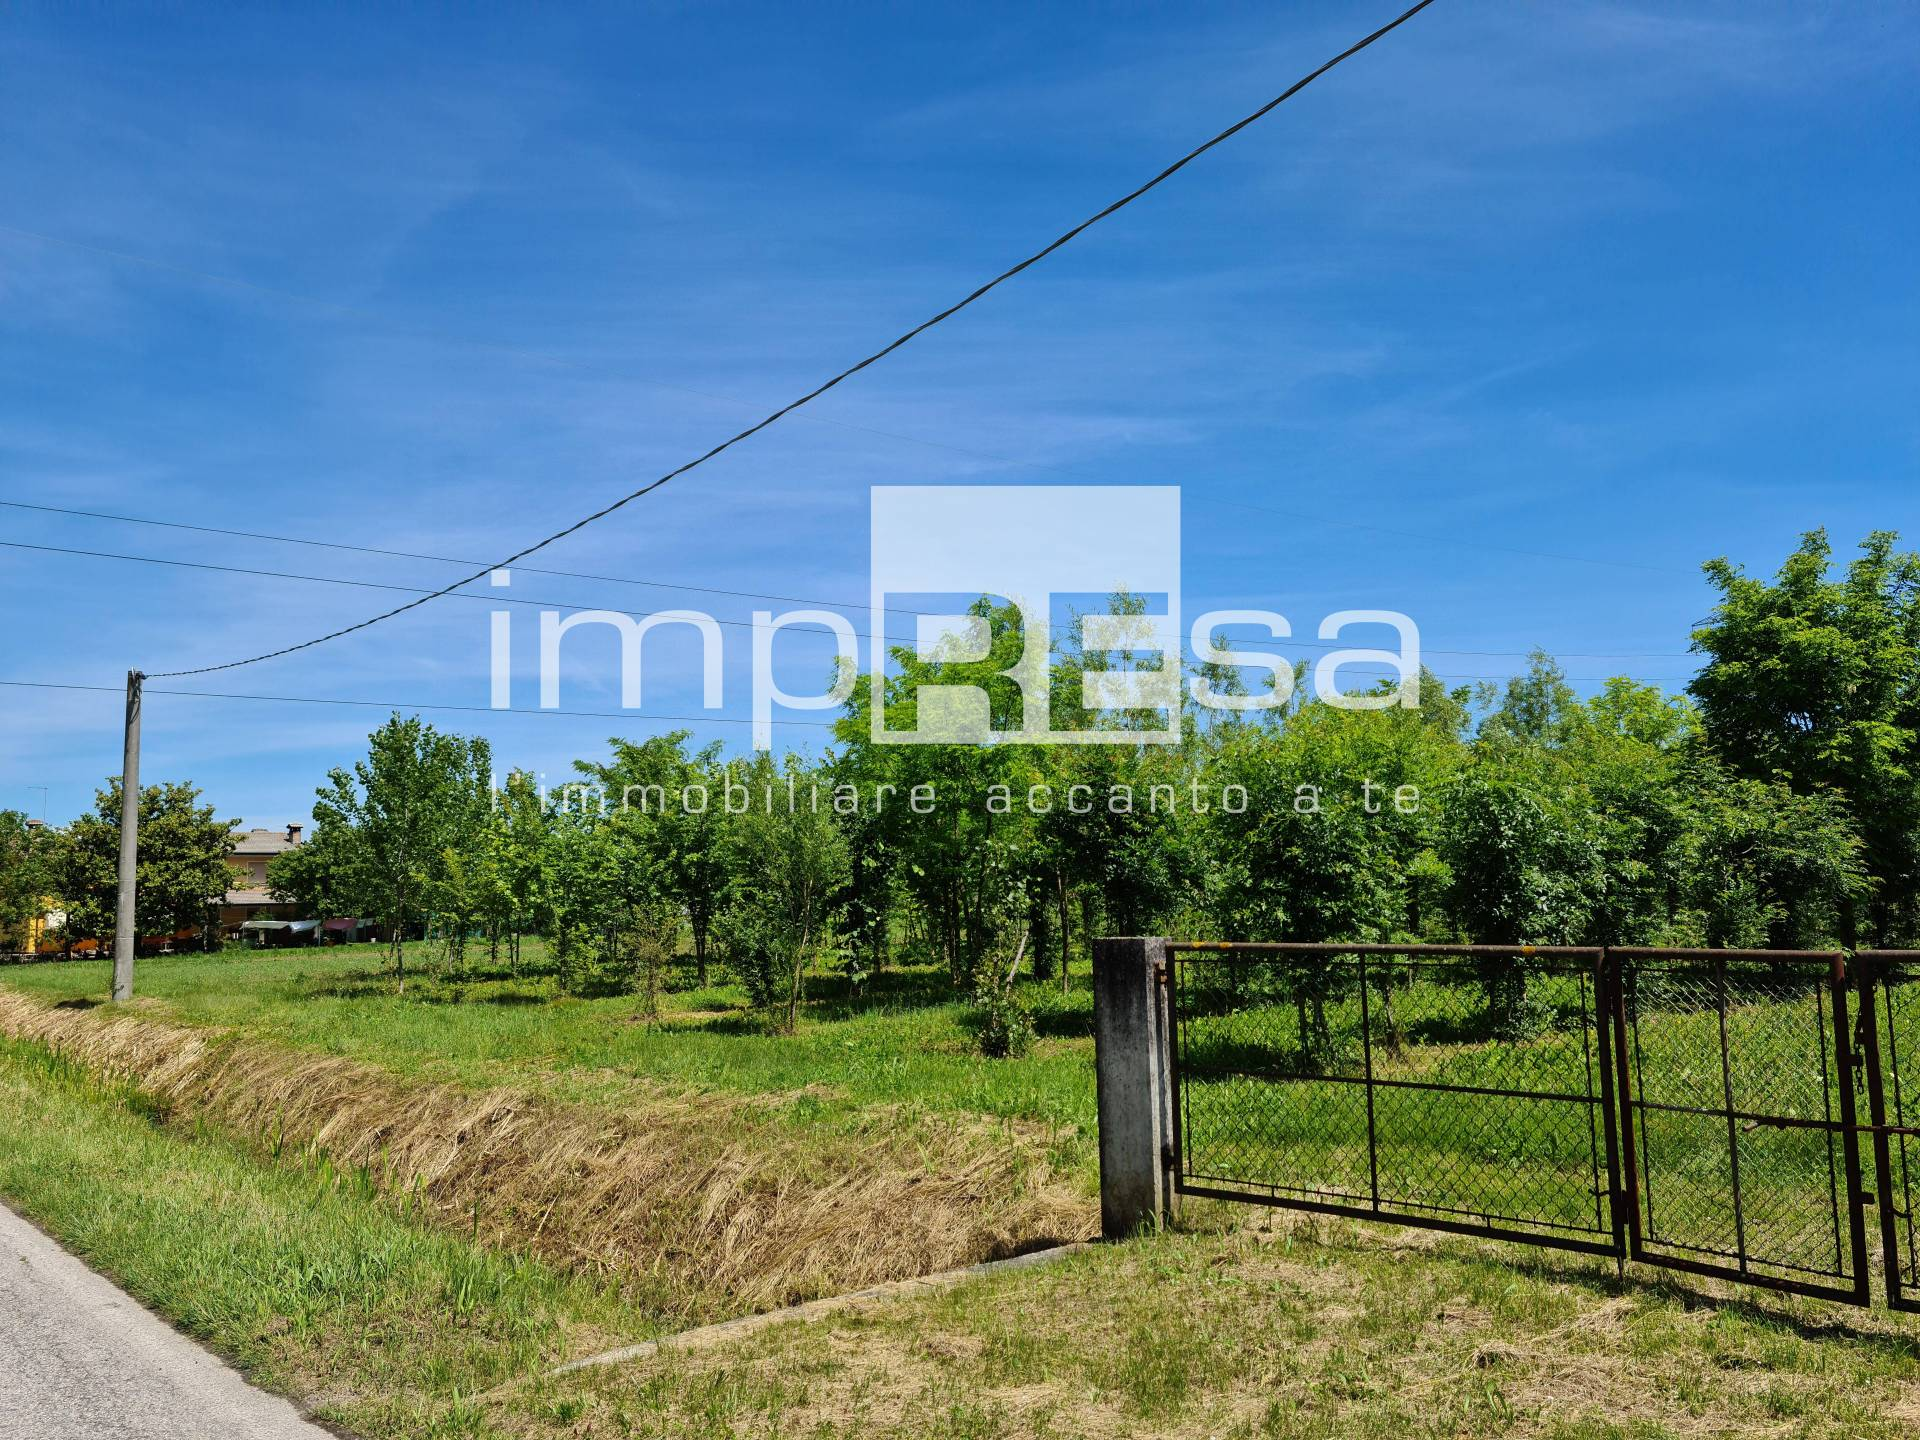 Terreno Agricolo in vendita a Roncade, 9999 locali, zona Zona: Biancade, prezzo € 73.000   CambioCasa.it